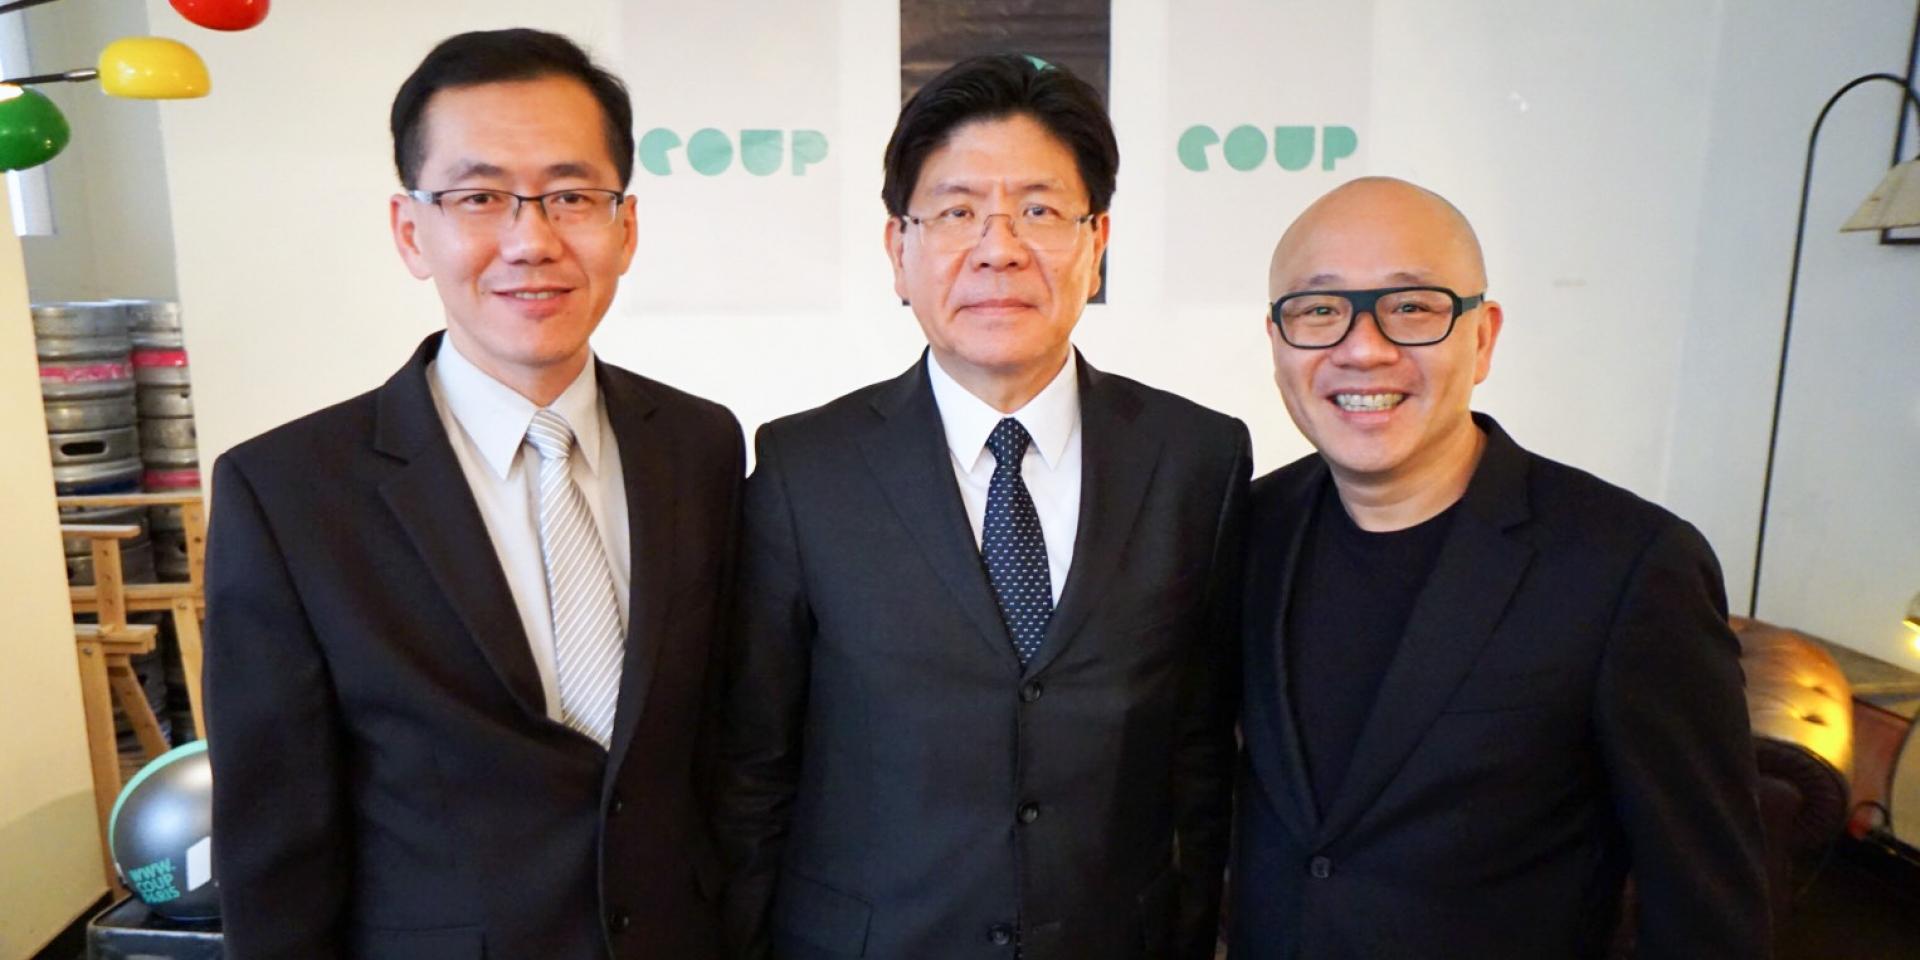 官方新聞稿。巴黎展示Gogoro智慧雙輪與換電系統 正式啟動 Gogoro 智慧雙輪於巴黎的共享服務